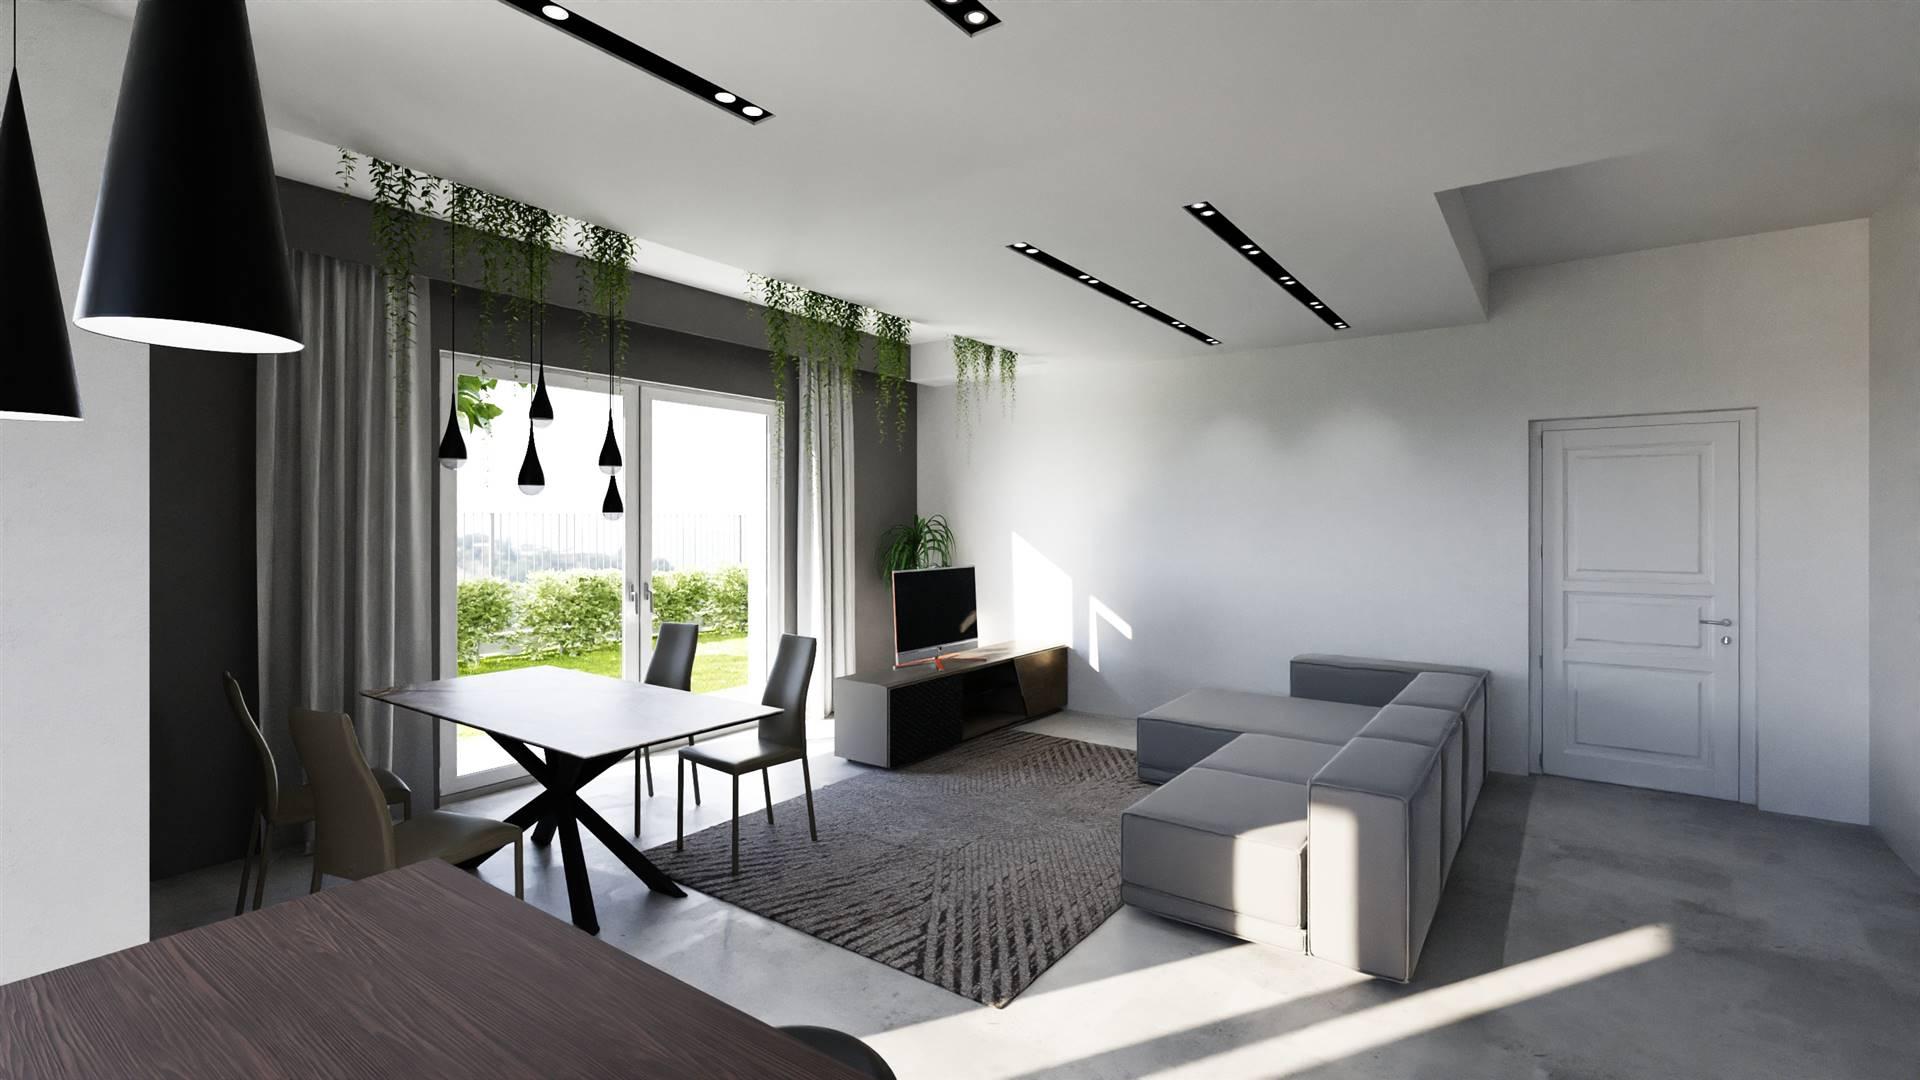 Dalmine in #vendita#Villa su Unico Piano#Introvabile# Solo 2 Ville 2 indipendenti; L'unità in oggetto è la villa disposta su unico piano con